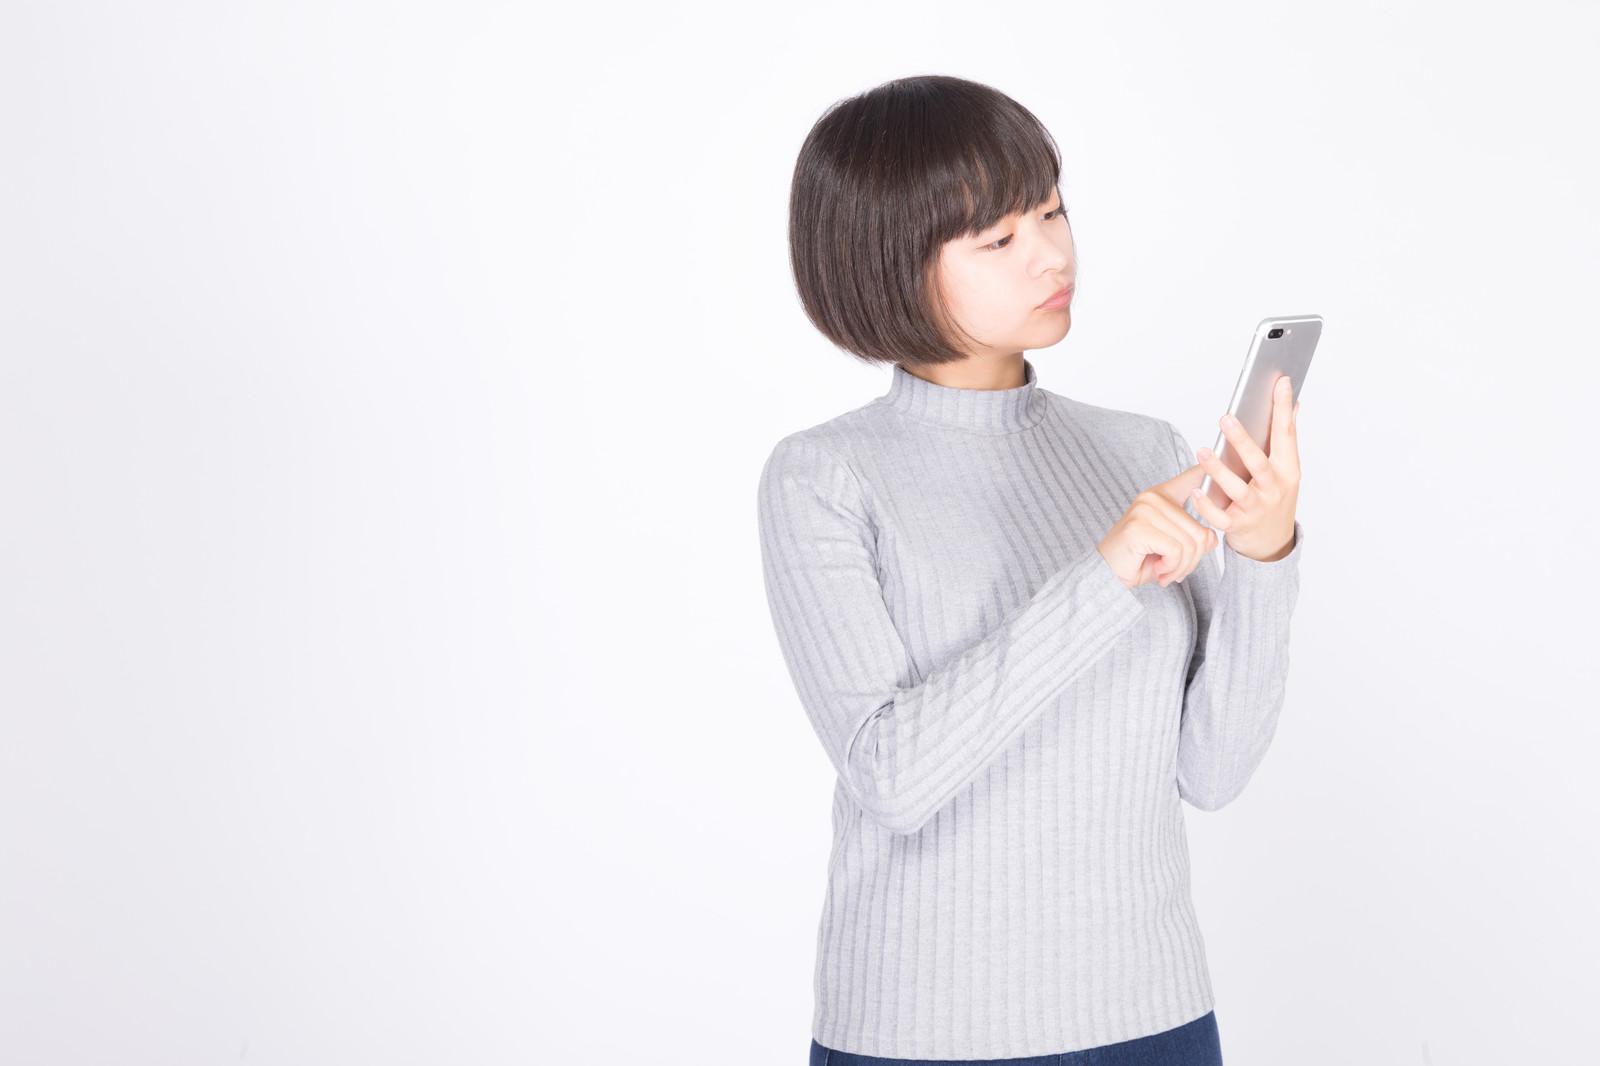 アフィリエイトの始め方③〜アフィリエイトジャンルの決め方〜